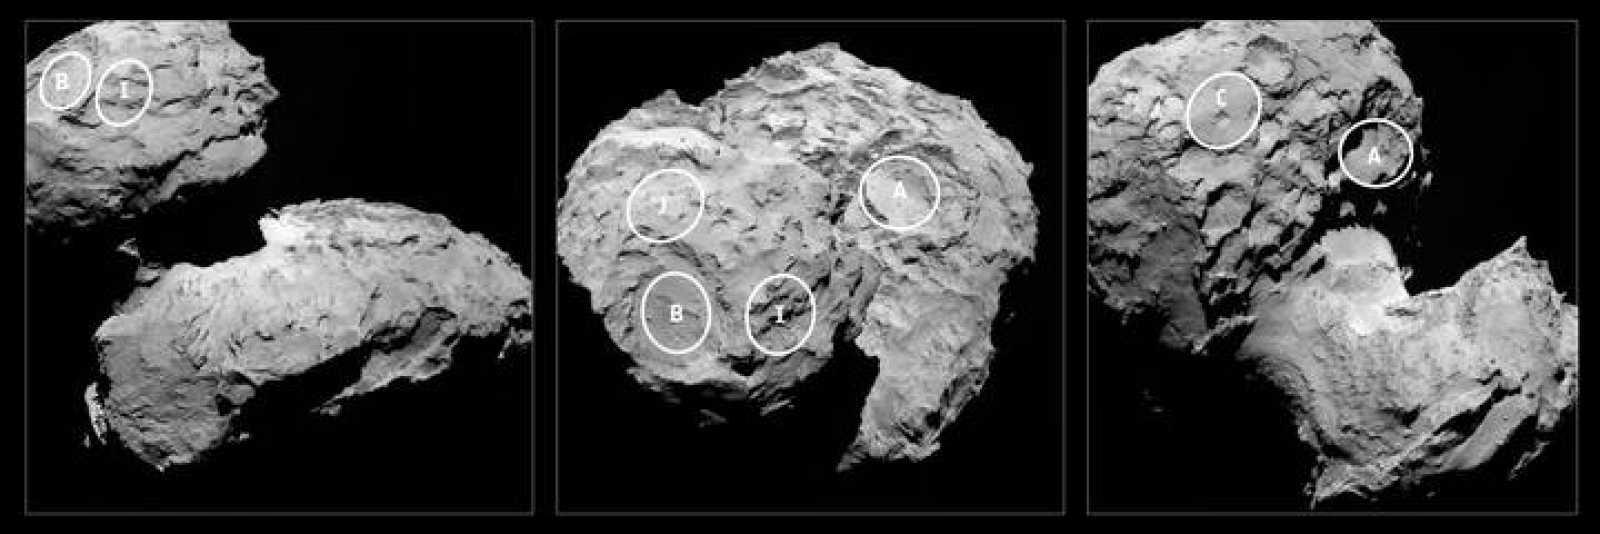 Los cinco lugares preseleccionados para que aterrice la sonda Rosetta en el cometa